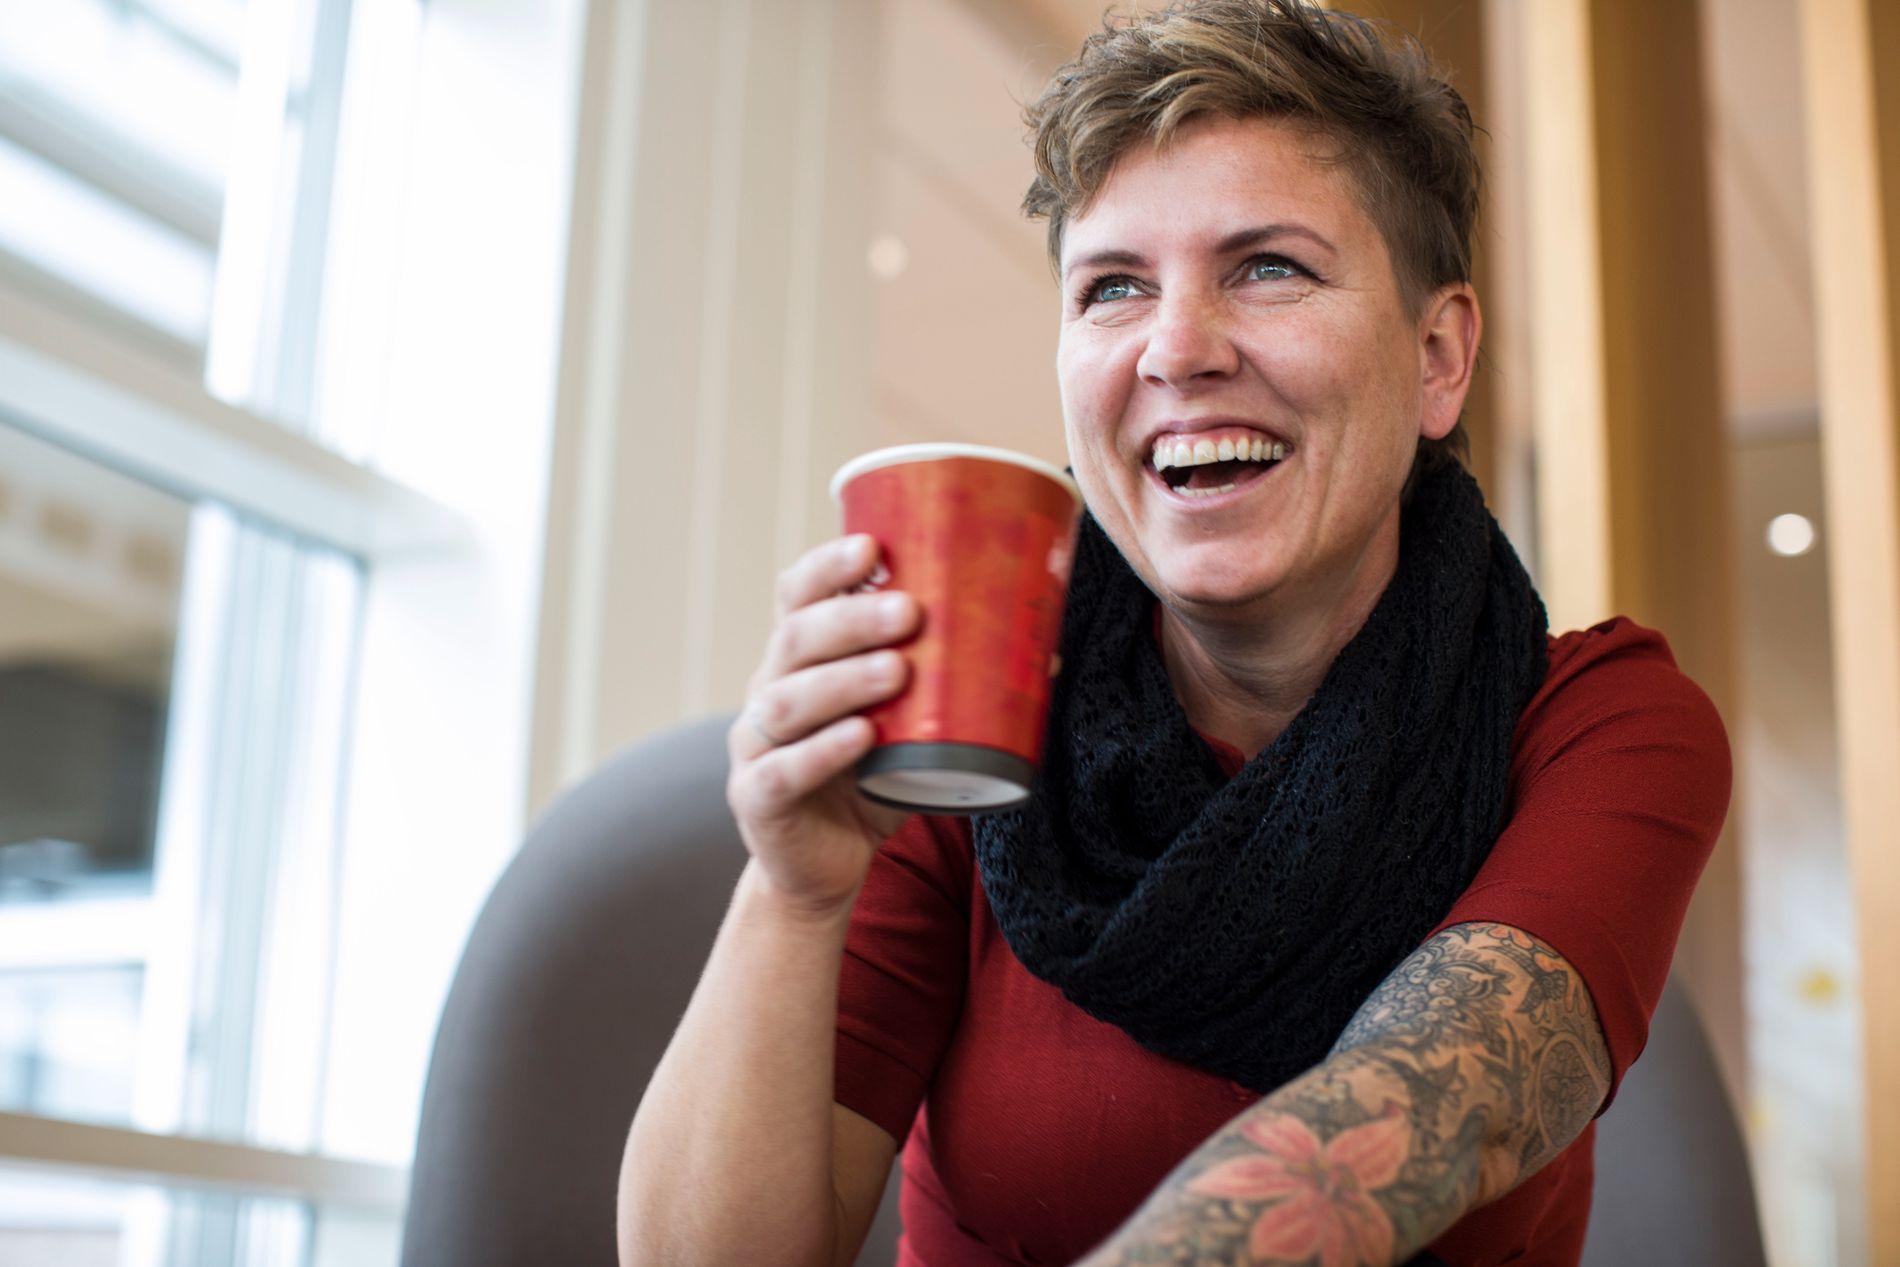 HUMORISTISK: Eunike Hoksrød har opplevd mye vondt, men ser lyst på livet og nekter å bli sett på som et offer. Her på besøk i VG-huset mandag.